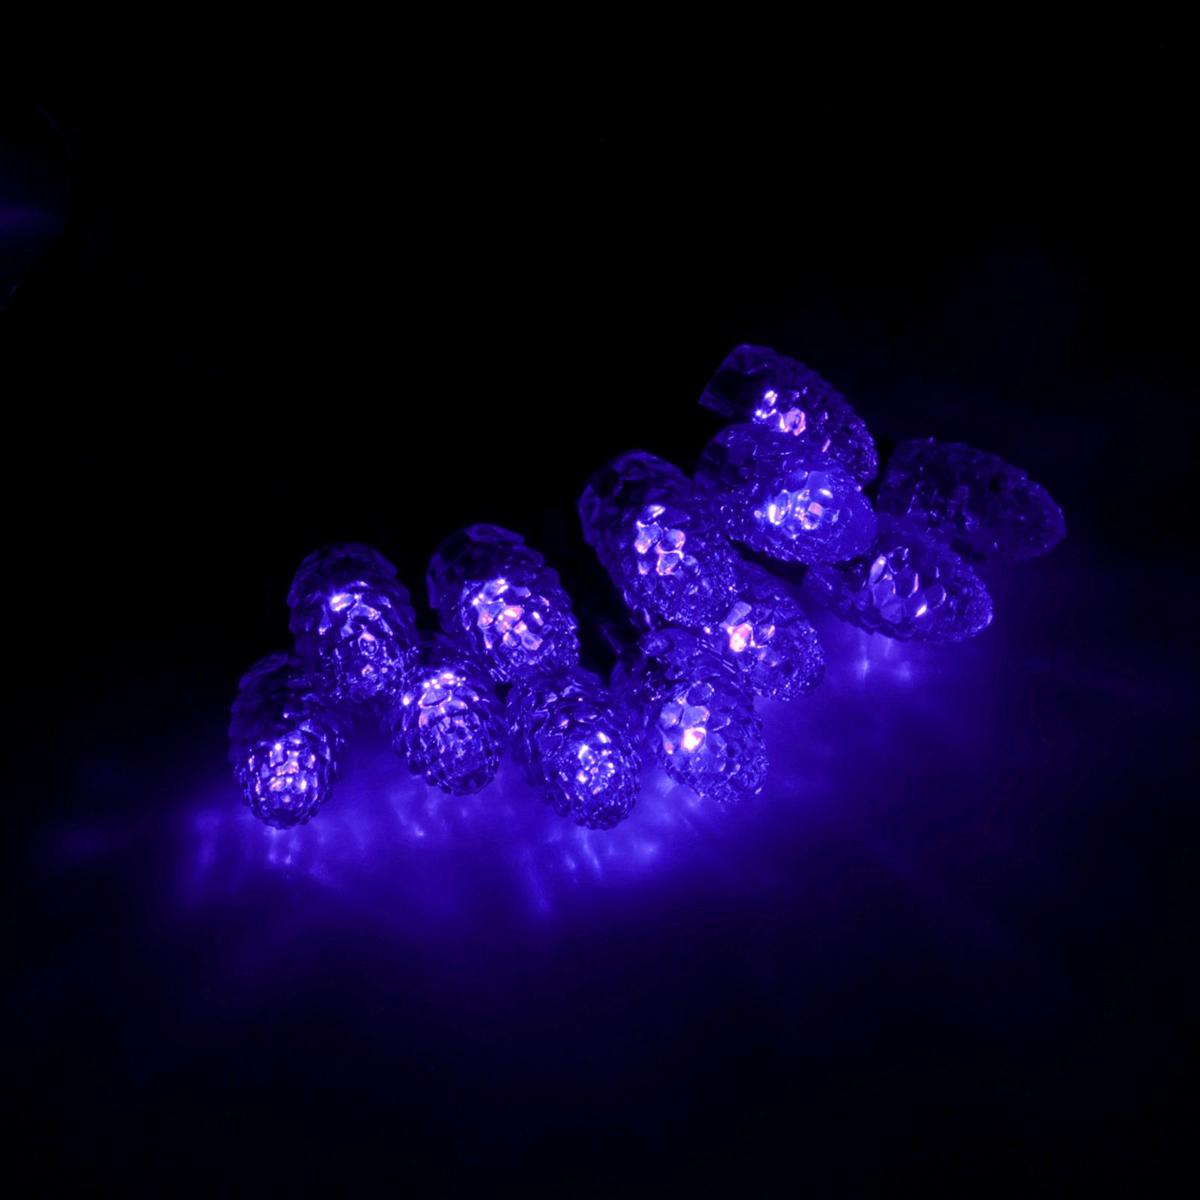 Гирлянда светодиодная Luazon Метраж. Шишки, уличная с насадкой, фиксинг, 40 ламп, 220 V, 5 м, цвет: синий. 185558185558Светодиодные гирлянды, ленты и т.д. — это отличный вариант для новогоднего оформления интерьера или фасада. С их помощью помещение любого размера можно превратить в праздничный зал, а внешние элементы зданий, украшенные ими, мгновенно станут напоминать очертания сказочного дворца. Такие украшения создают ауру предвкушения чуда. Деревья, фасады, витрины, окна и арки будто специально созданы, чтобы вы украсили их светящимися нитями.